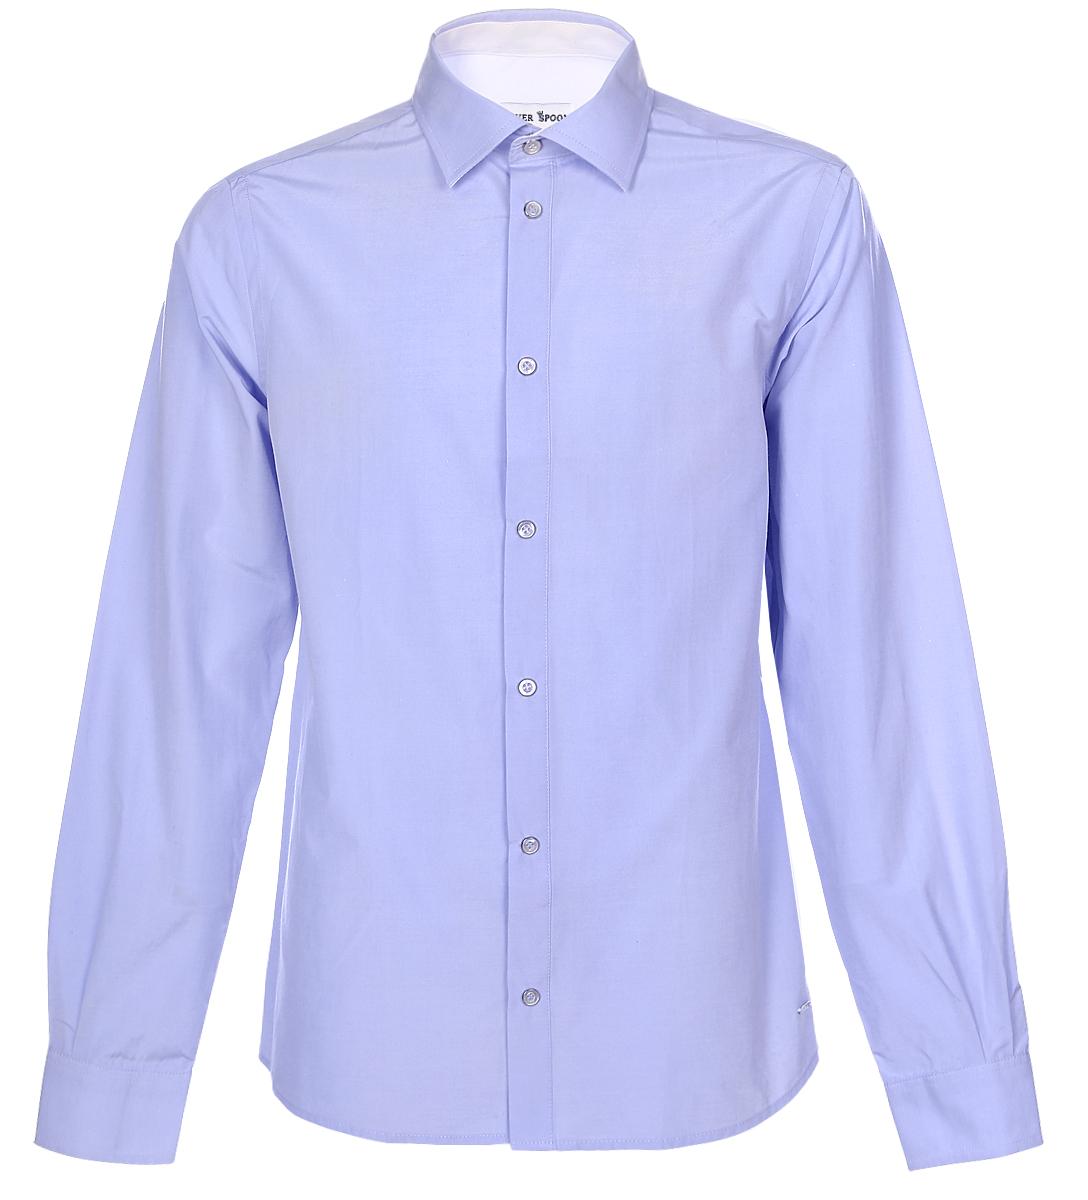 РубашкаSSFSB-629-13831-338Стильная рубашка Silver Spoon станет отличным дополнением к школьному гардеробу вашего мальчика. Модель, выполненная из хлопка с добавлением полиэстера, необычайно мягкая и приятная на ощупь, не сковывает движения и позволяет коже дышать. Рубашка классического кроя с длинными рукавами и отложным воротником застегивается на пуговицы по всей длине. На манжетах предусмотрены застежки-пуговицы.